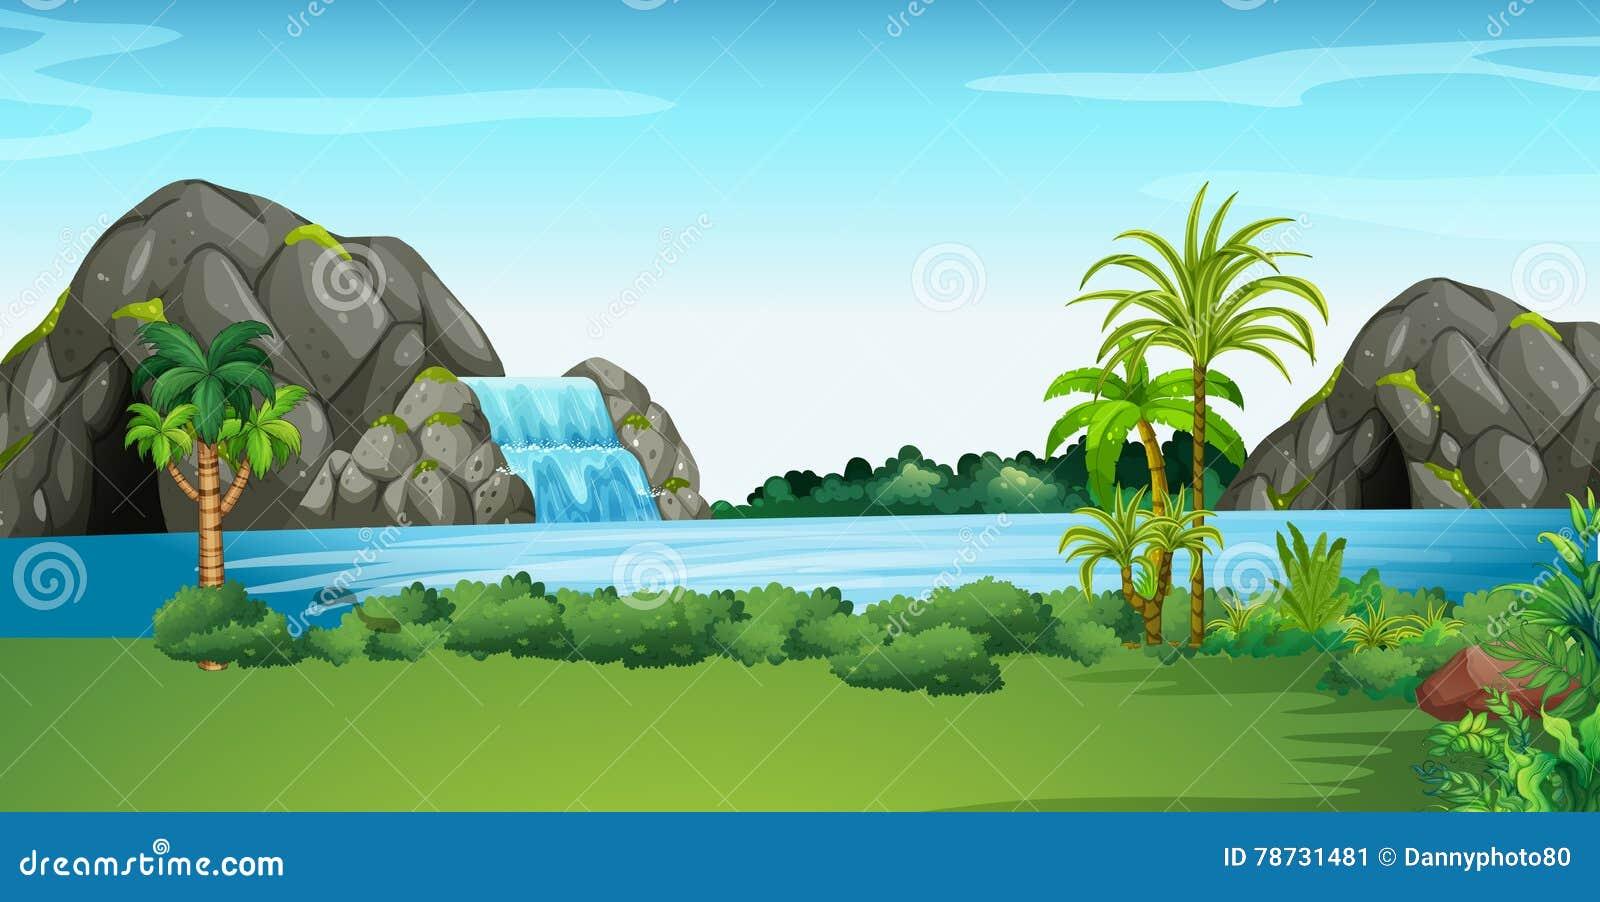 Plats med vattenfallet och fältet